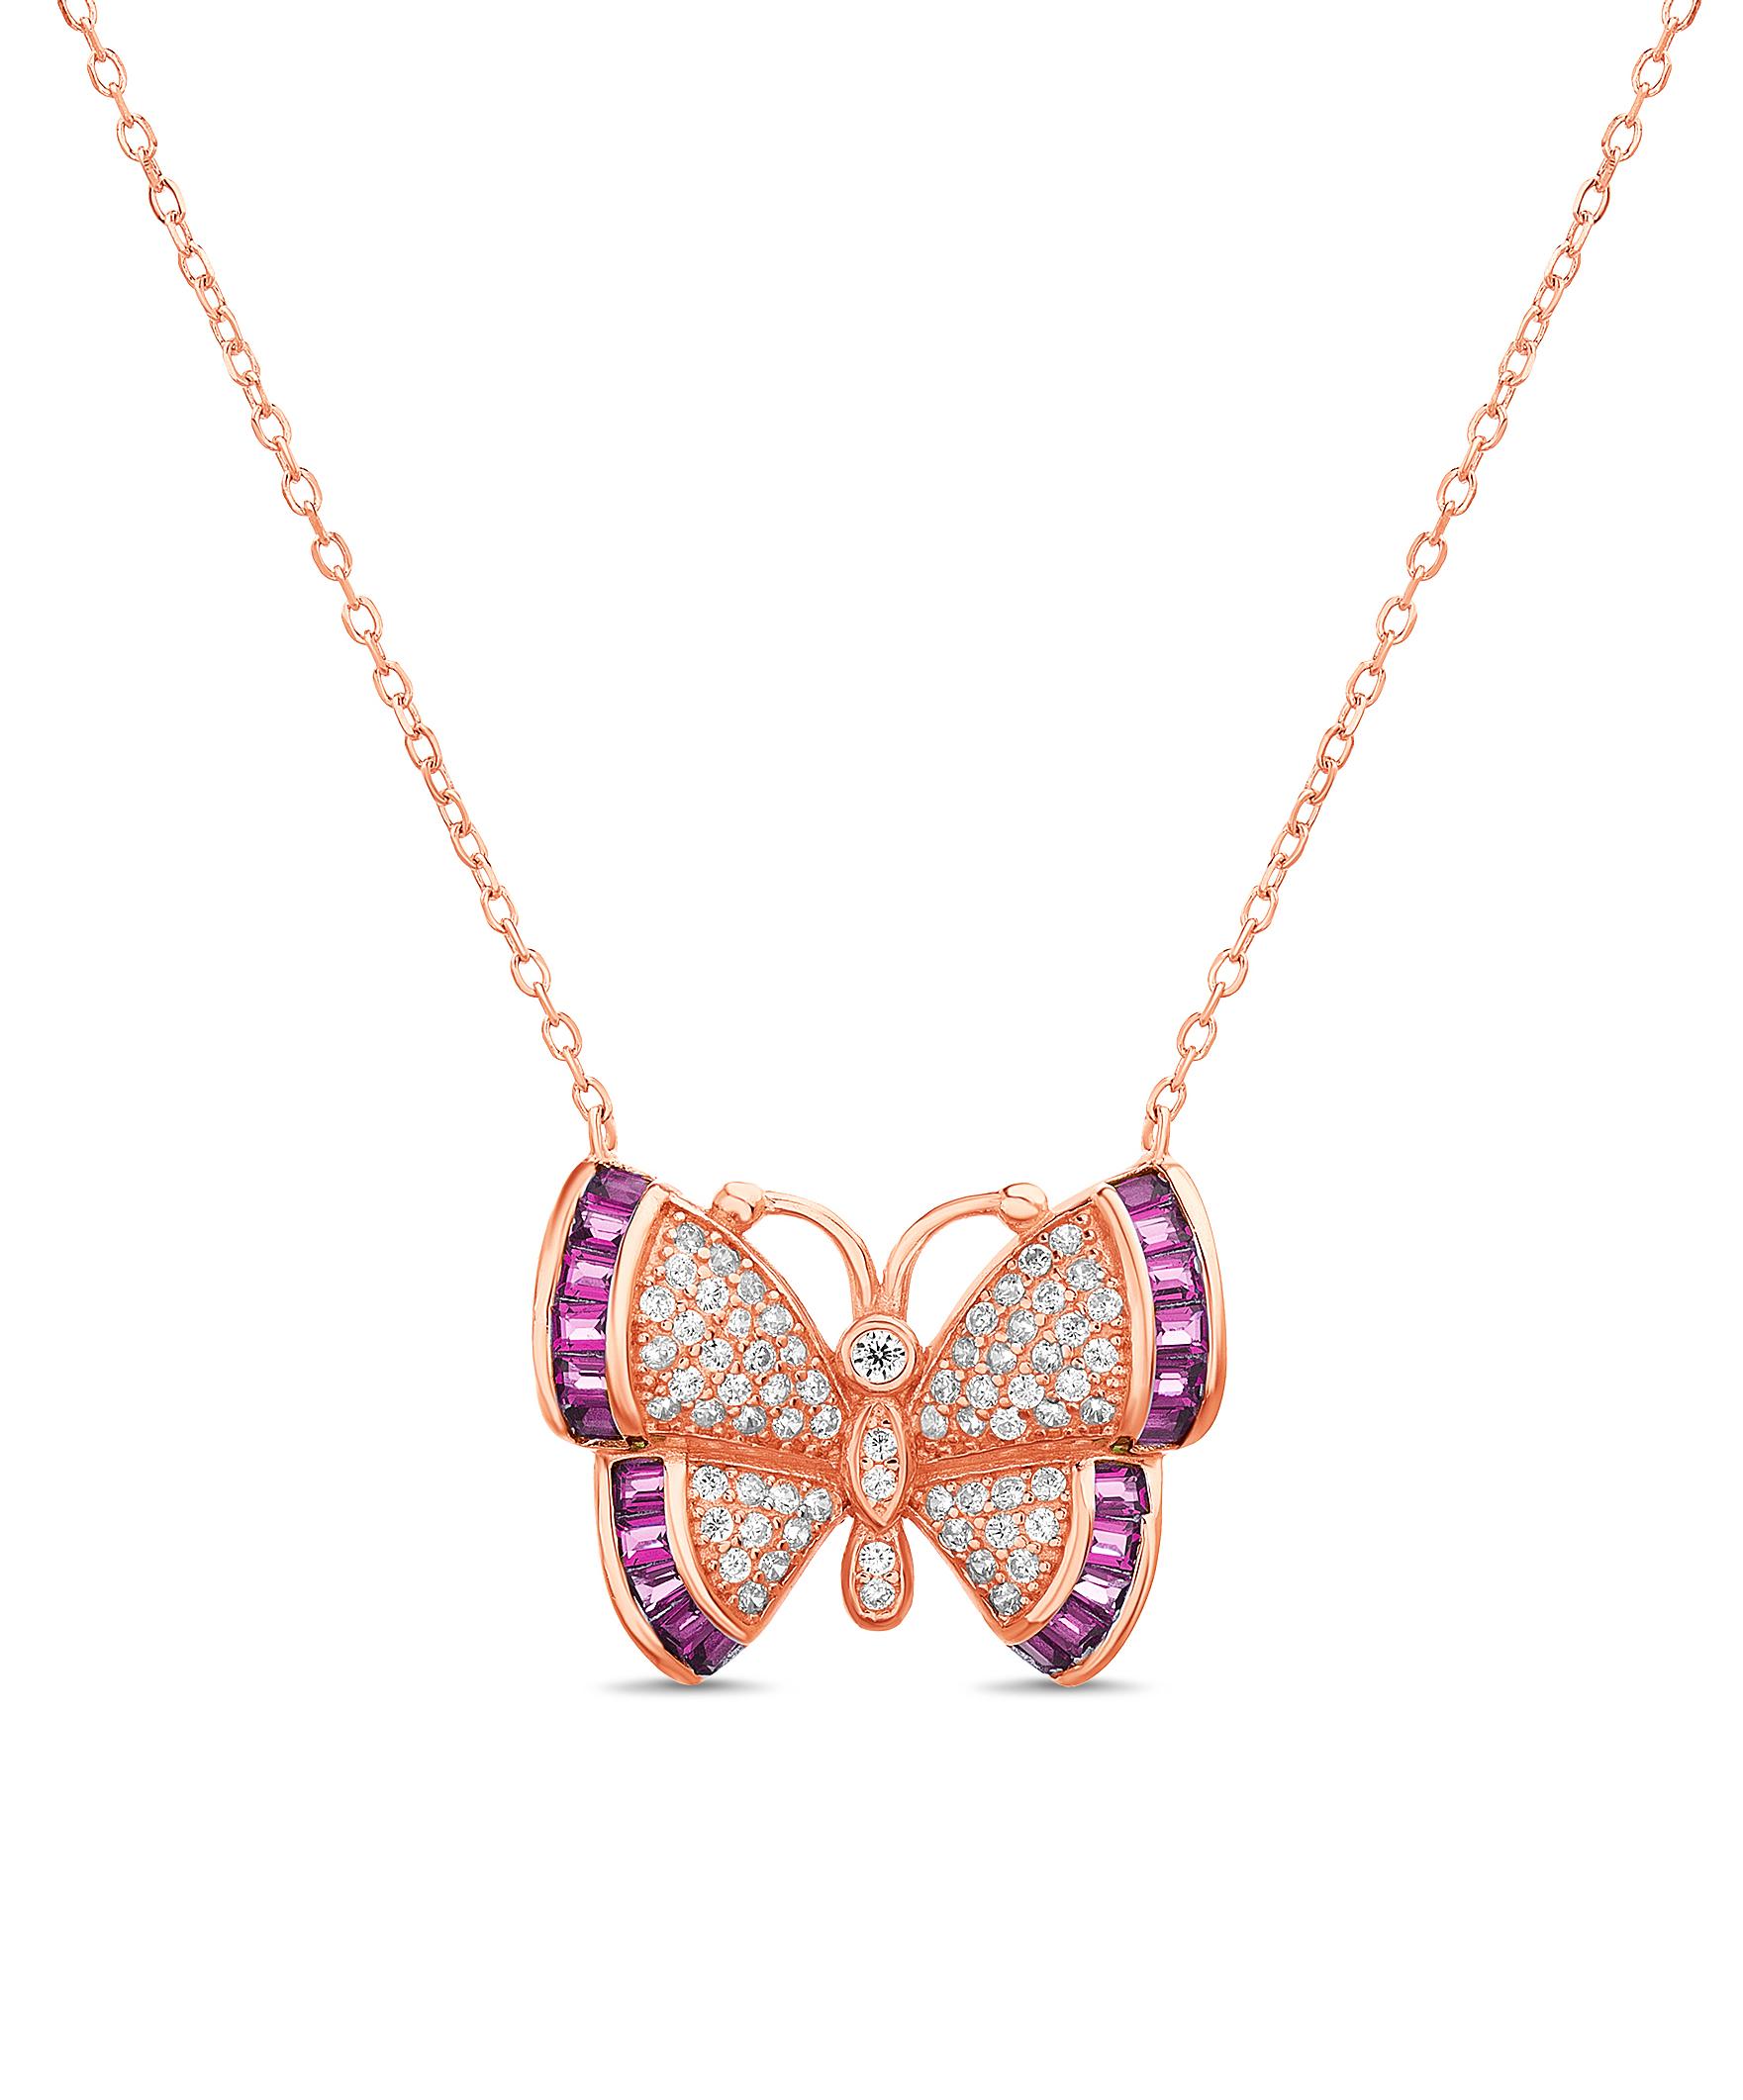 Conjunto rosado,mariposa, piedras blancas, baguettes rosadas